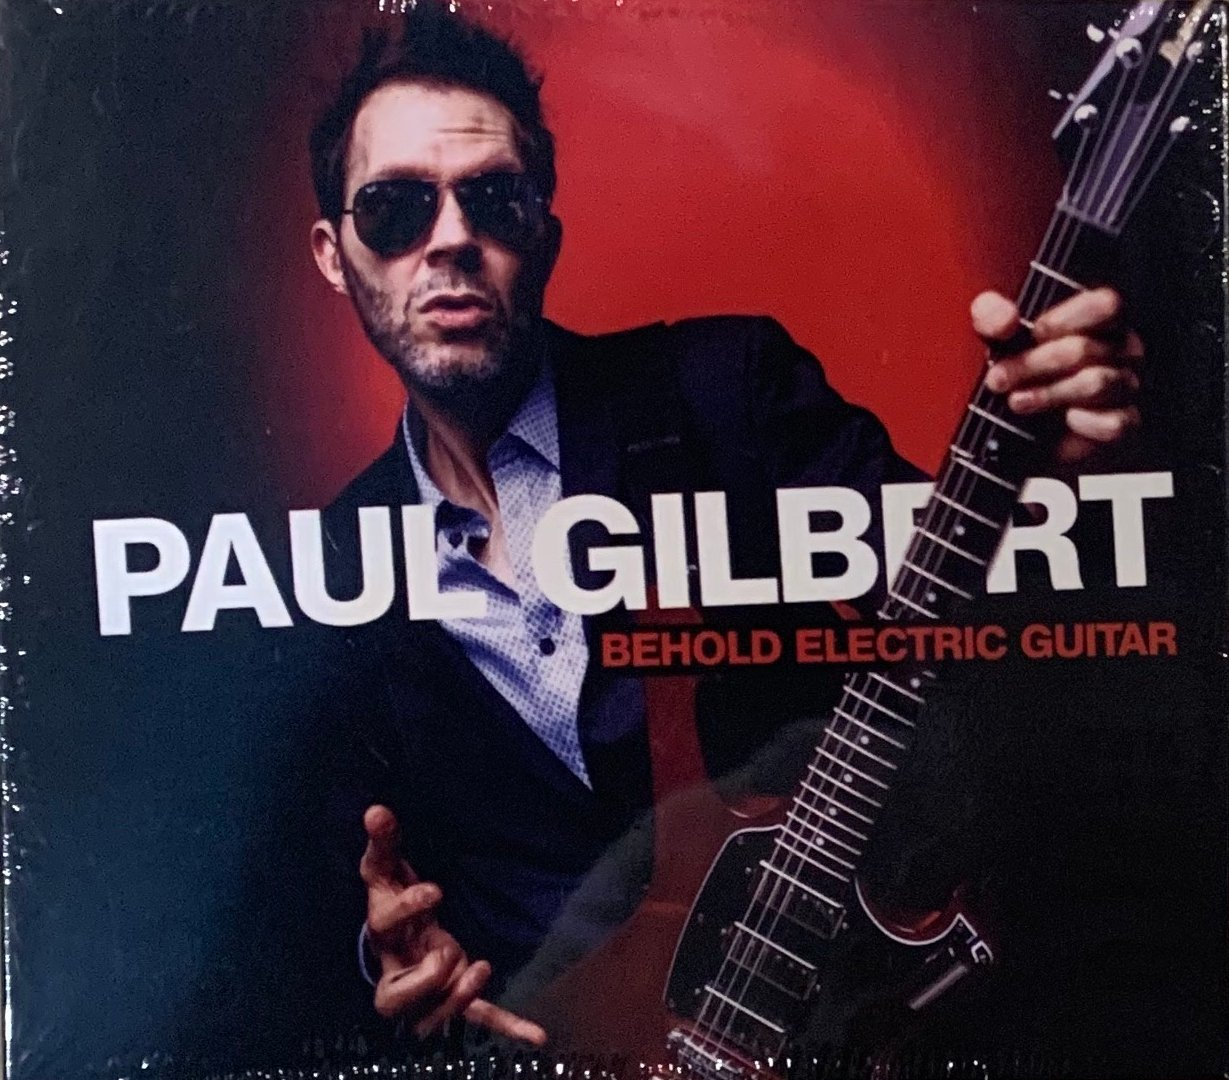 【搖滾帝國】美國著名吉他手PAUL GILBERT 2019全新發行專輯 Behold Electric Guitar